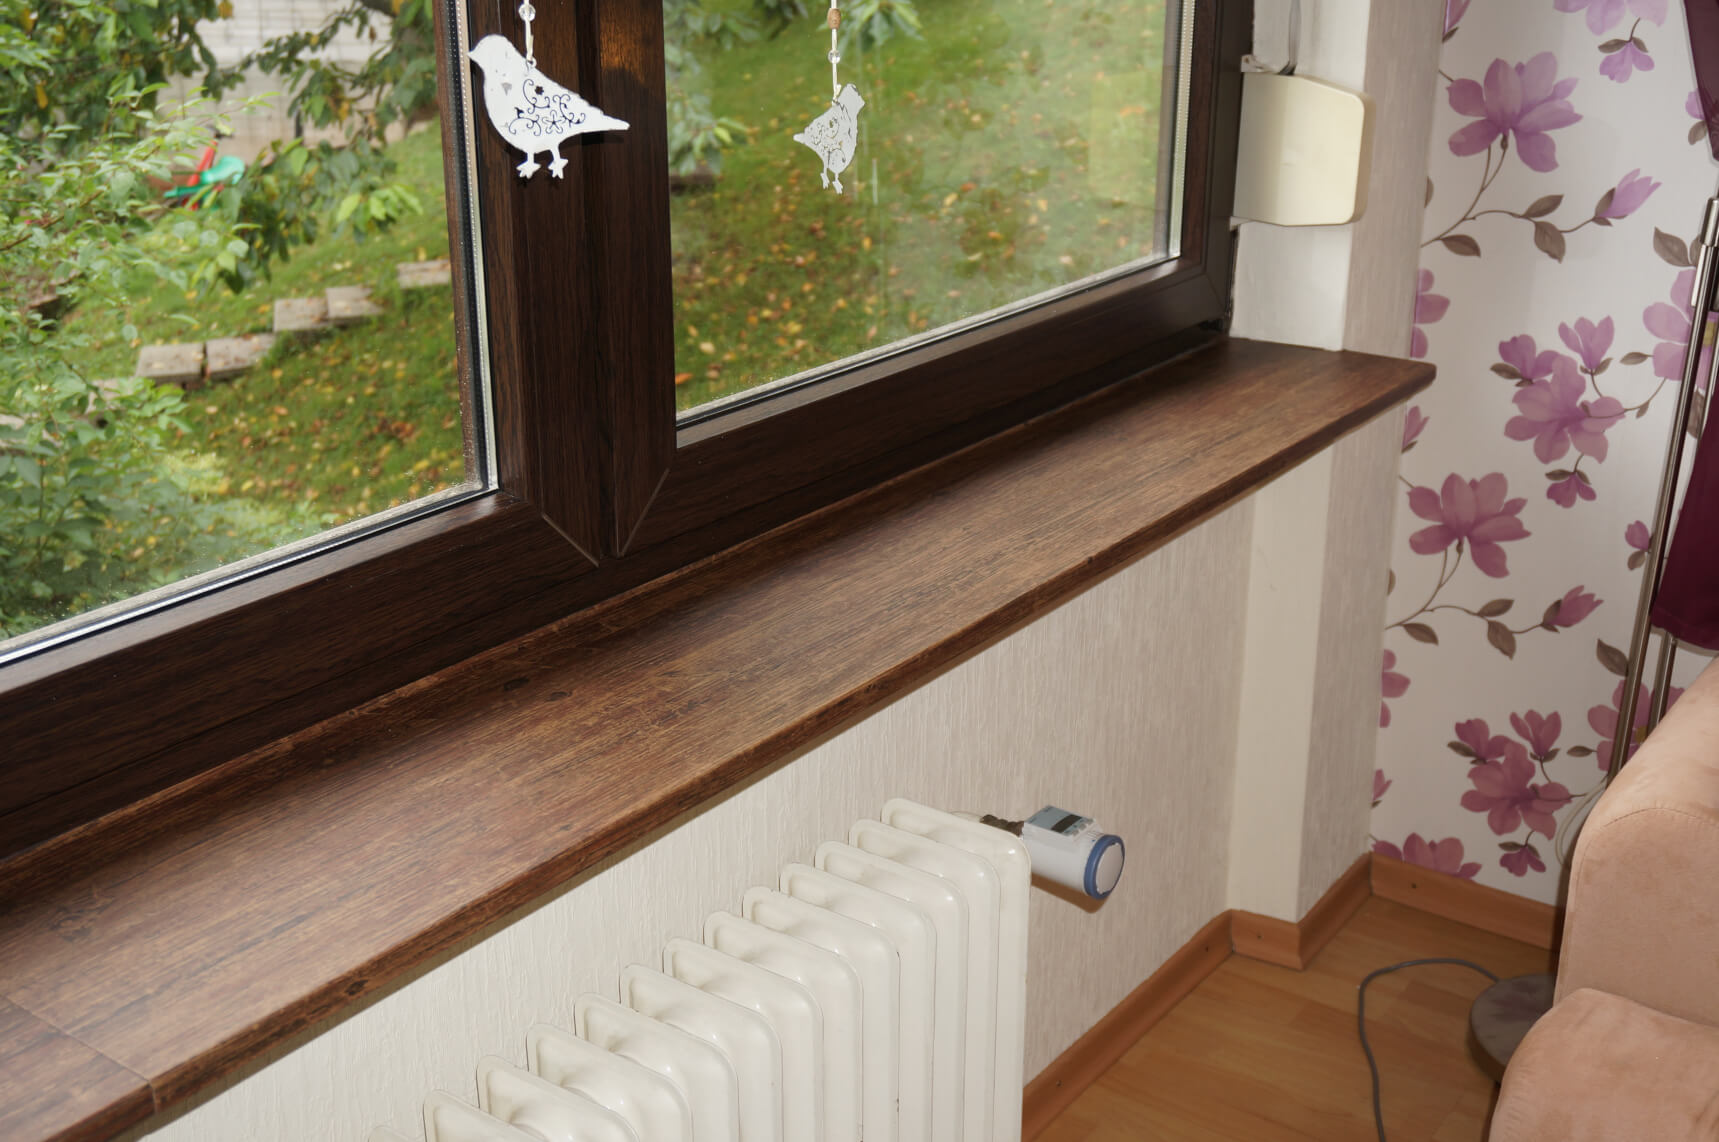 Full Size of Deko Fensterbank Wohnzimmer Badezimmer Dekoration Schlafzimmer Wanddeko Küche Für Wohnzimmer Deko Fensterbank